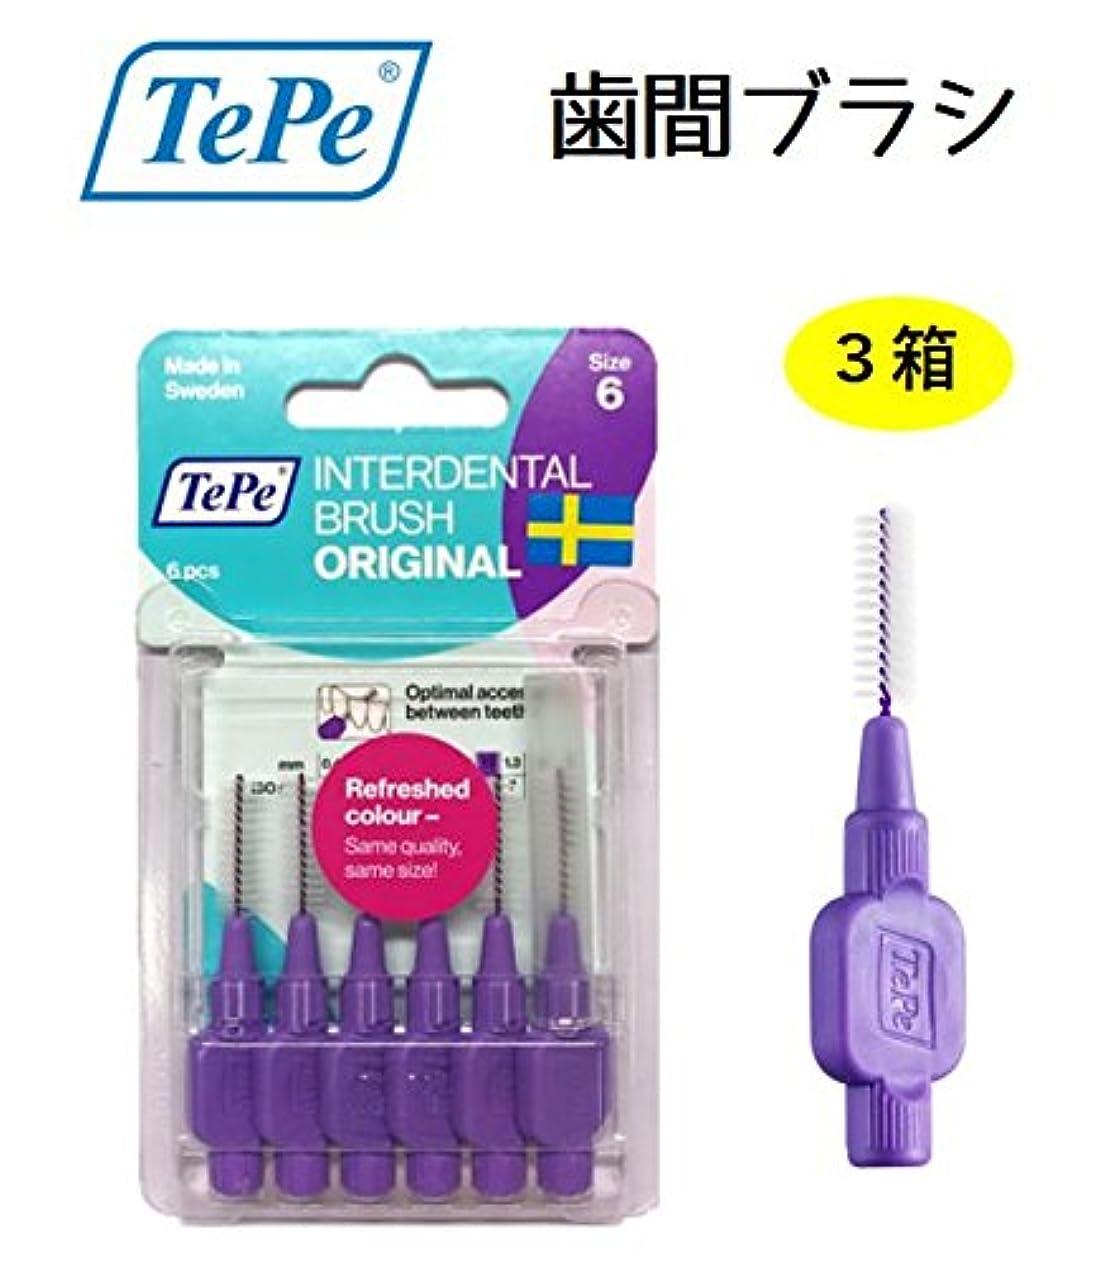 シャットメッシュ抵抗テペ 歯間プラシ 1.1mm ブリスターパック 3パック TePe IDブラシ